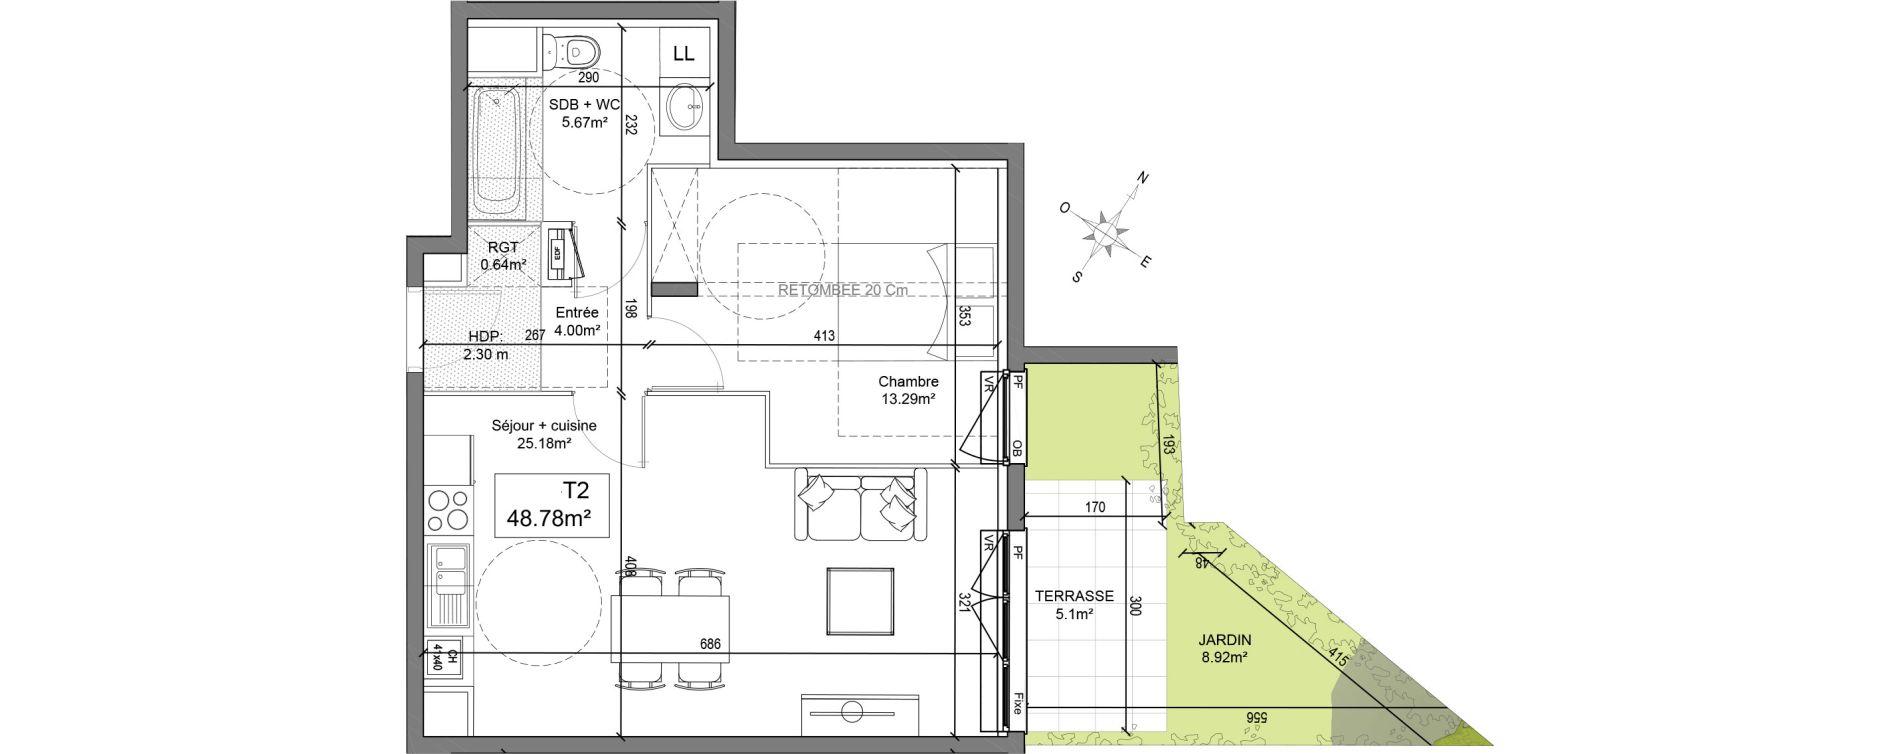 Appartement T2 de 48,78 m2 à Linselles Centre